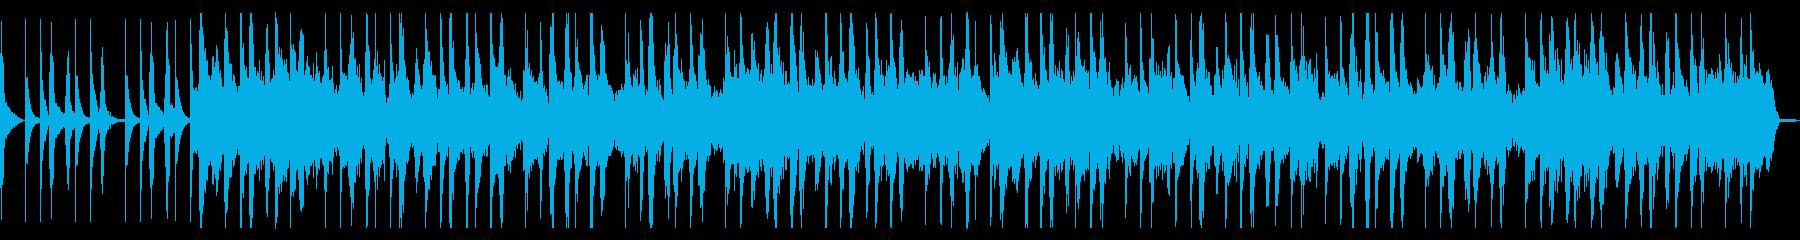 マリンバとオルガンのほのぼのとした楽曲の再生済みの波形